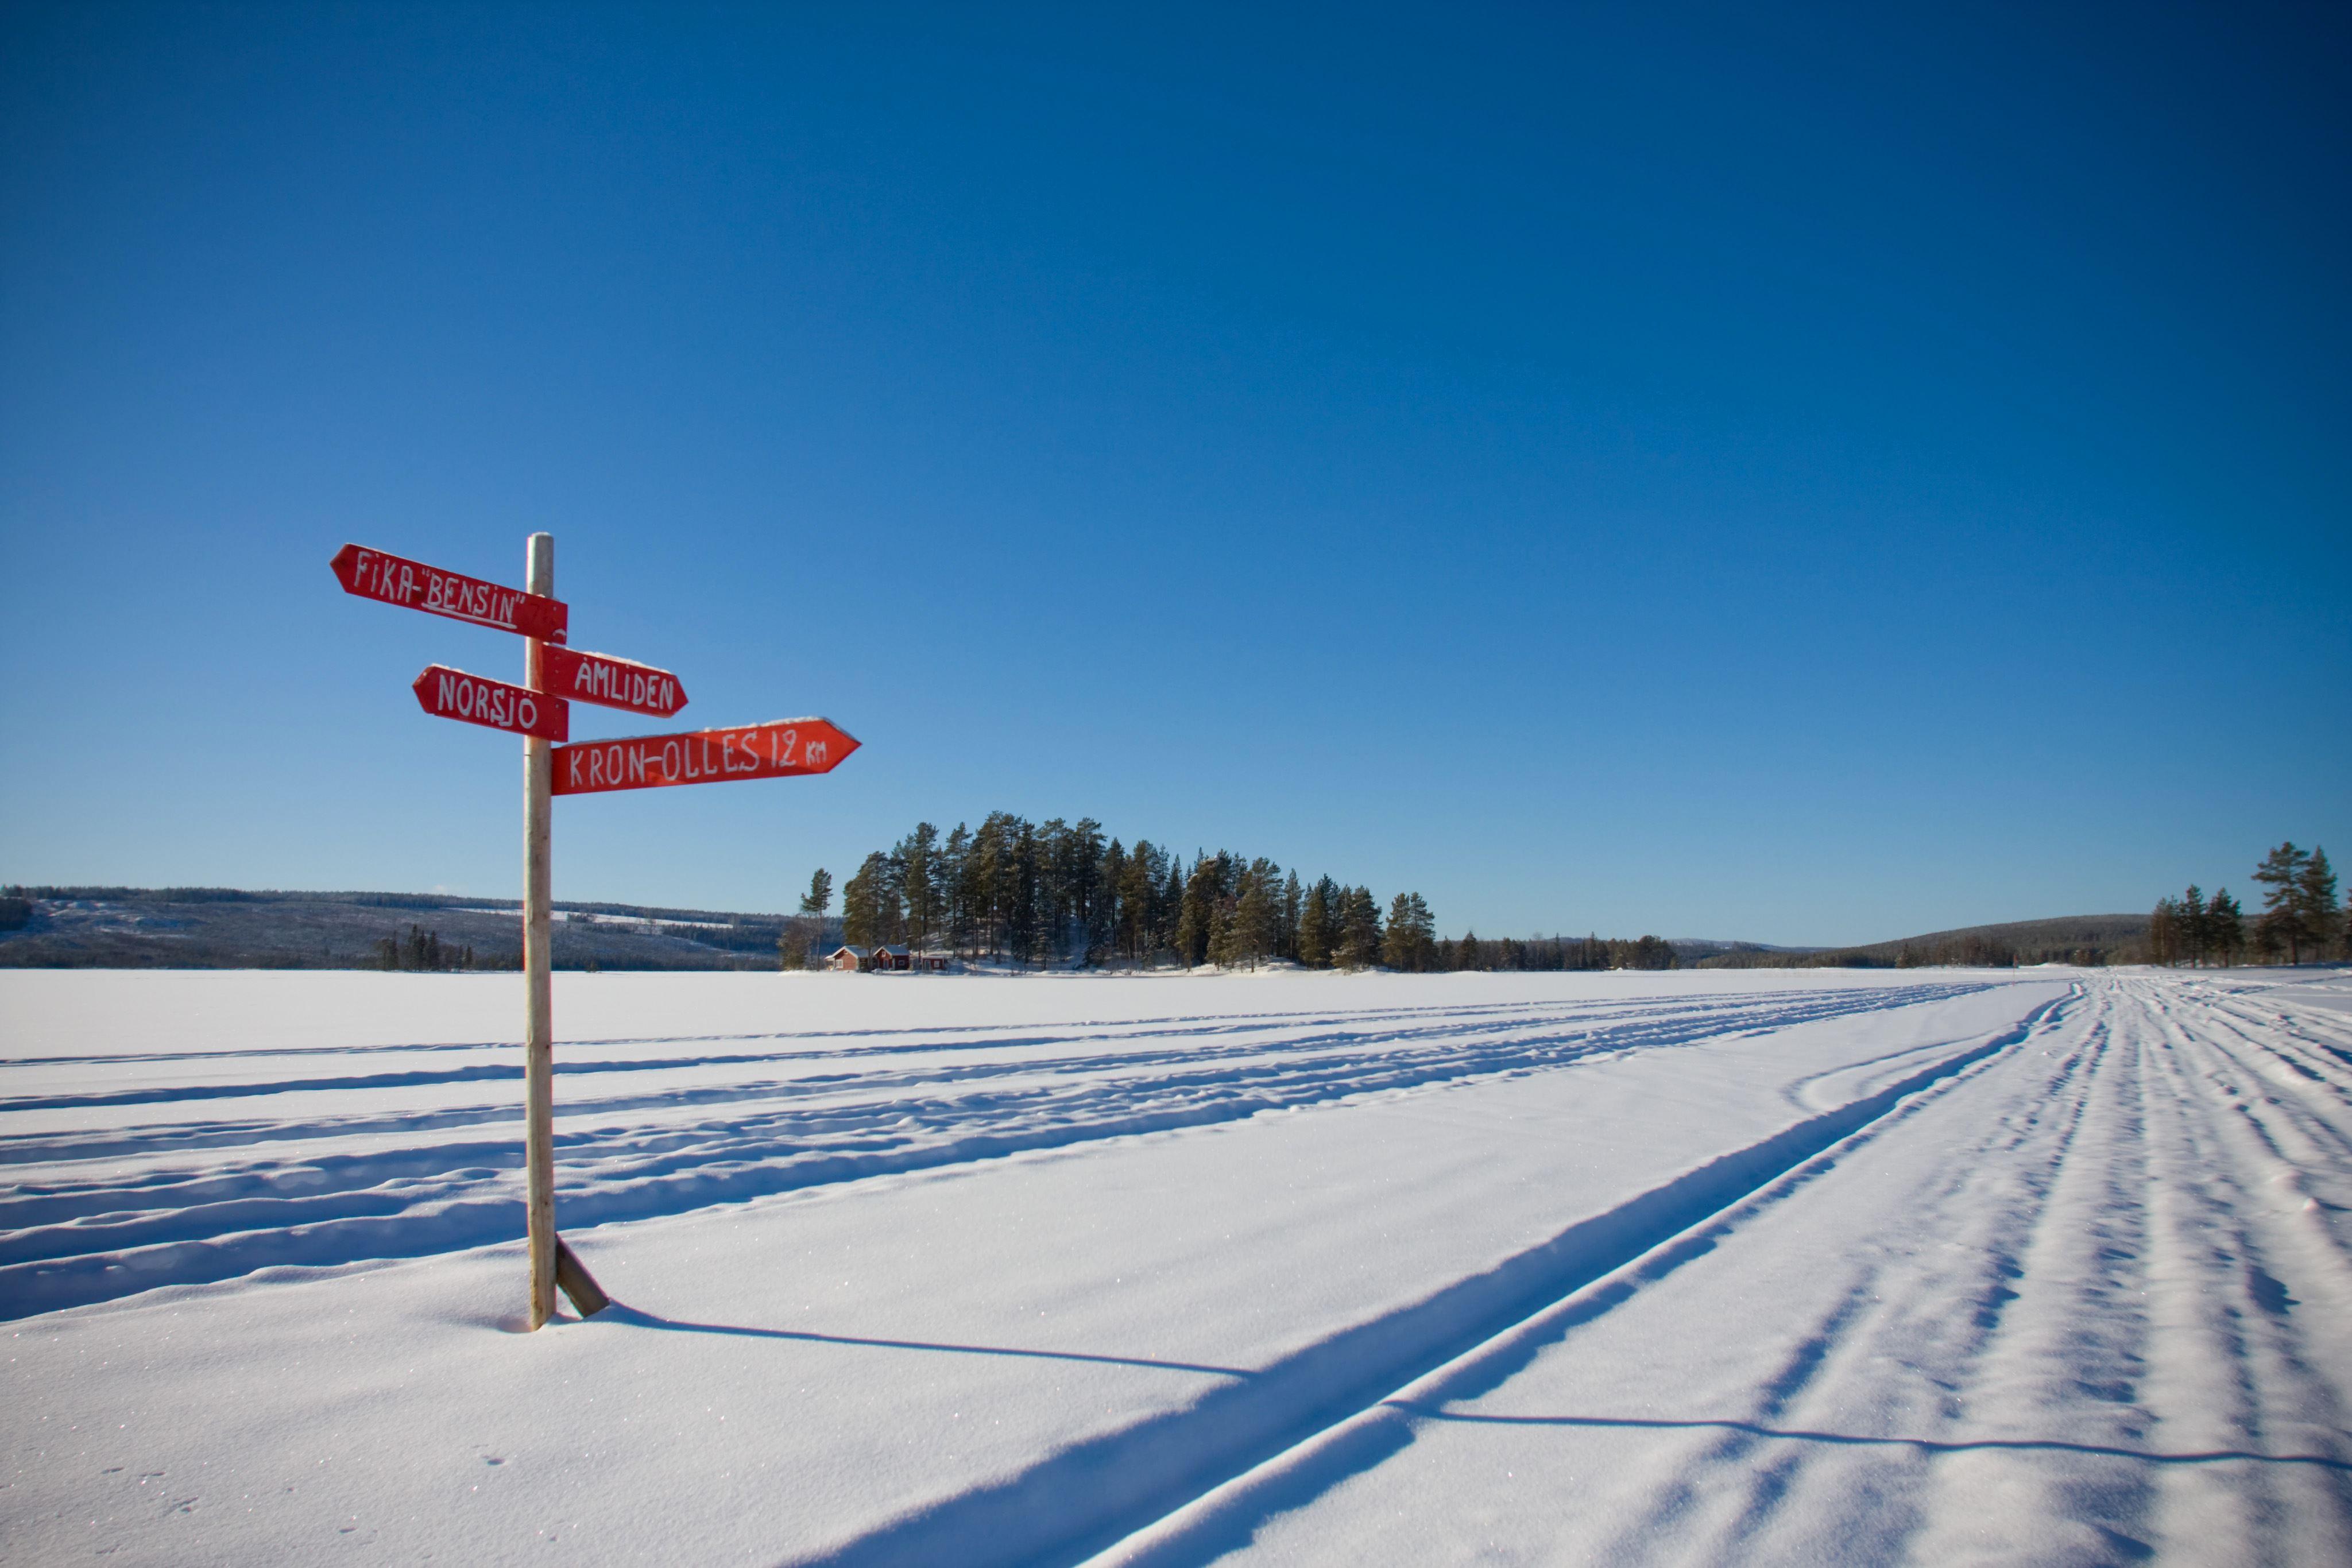 Skoterutflykt Åmlidens utsiktsplats